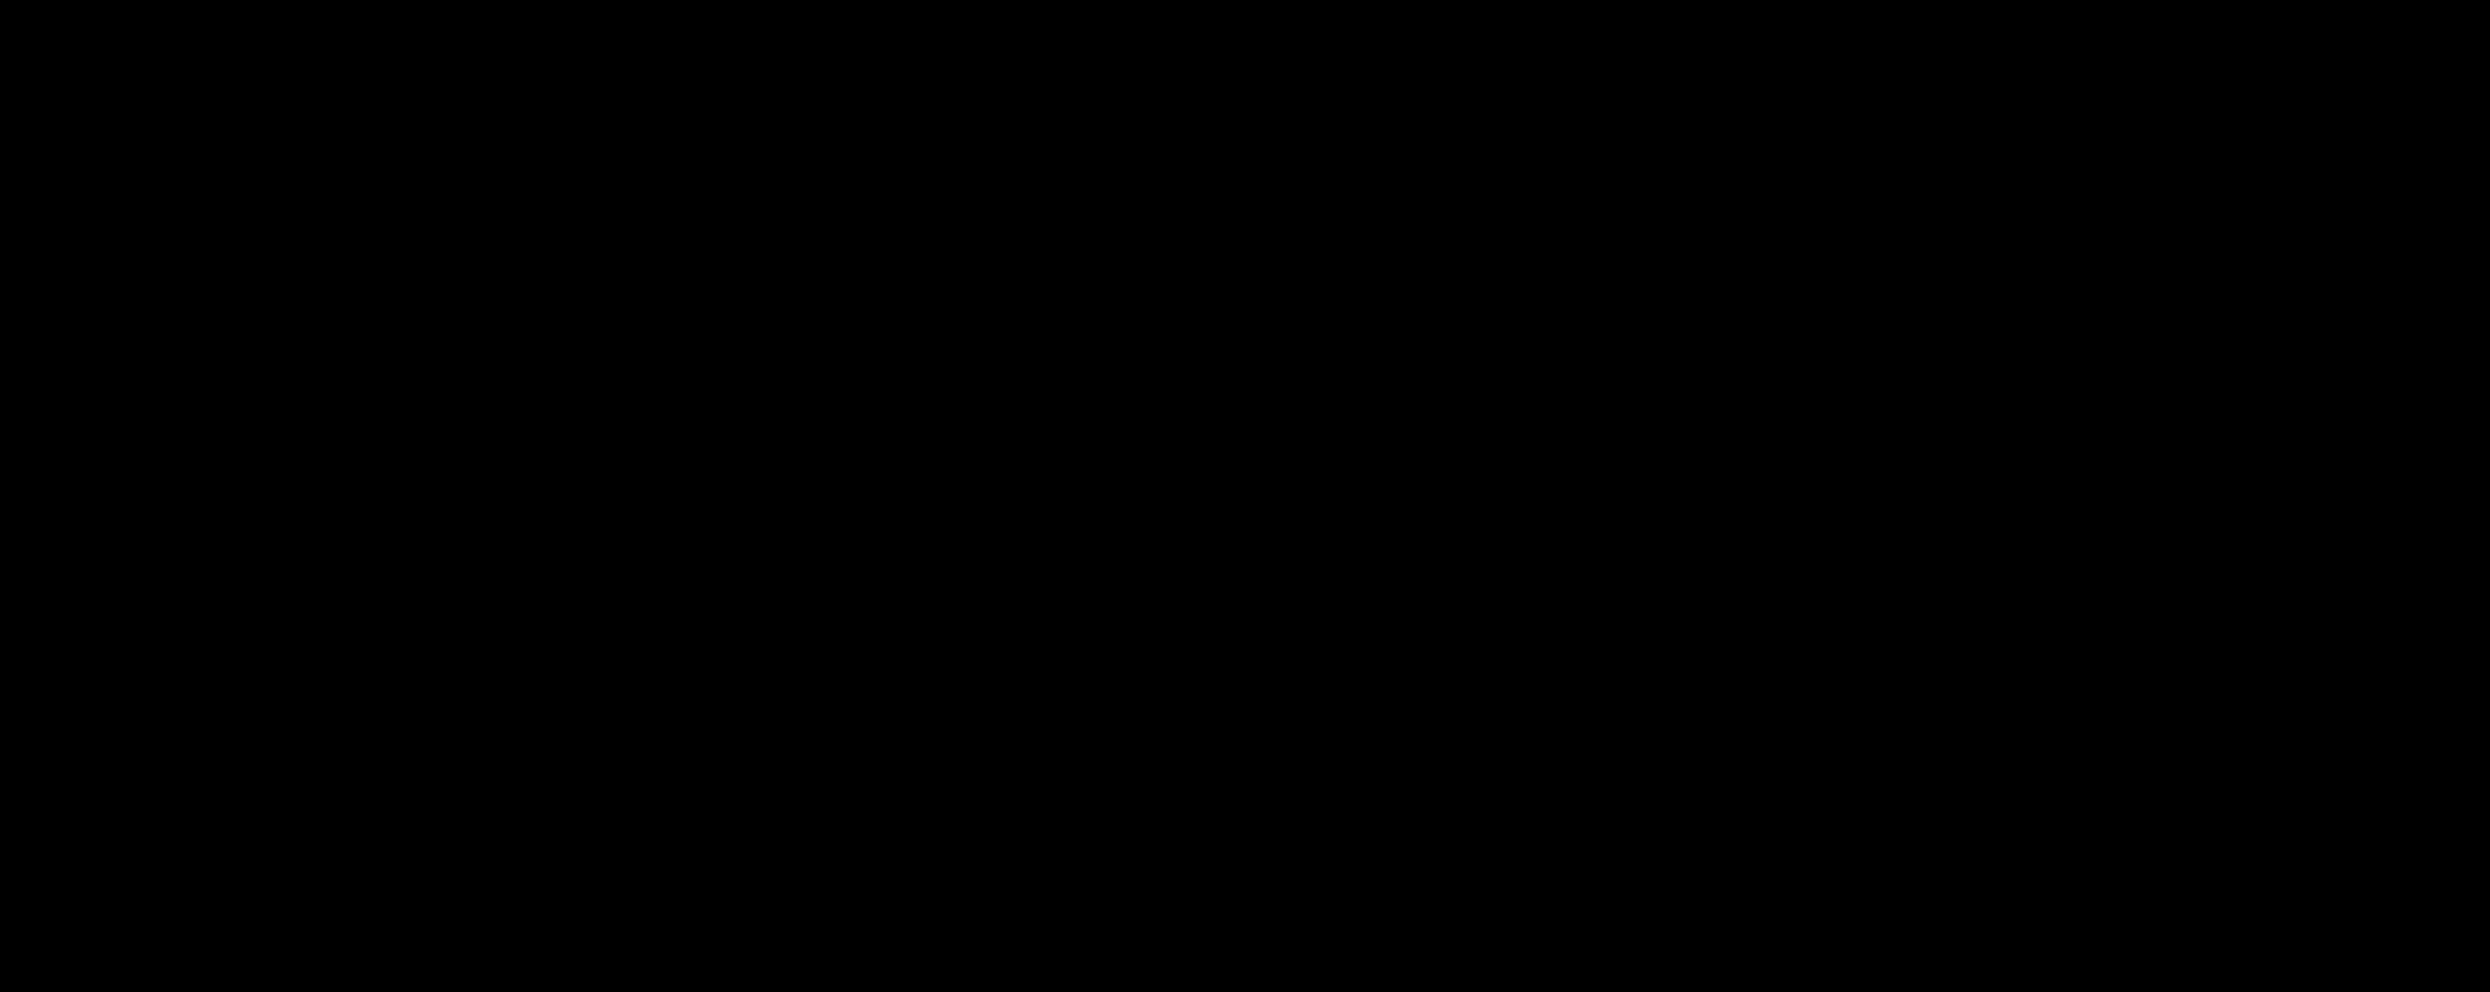 3-O-Dansyl-<sup>13</sup>C<sub>2</sub>-ethynylestradiol